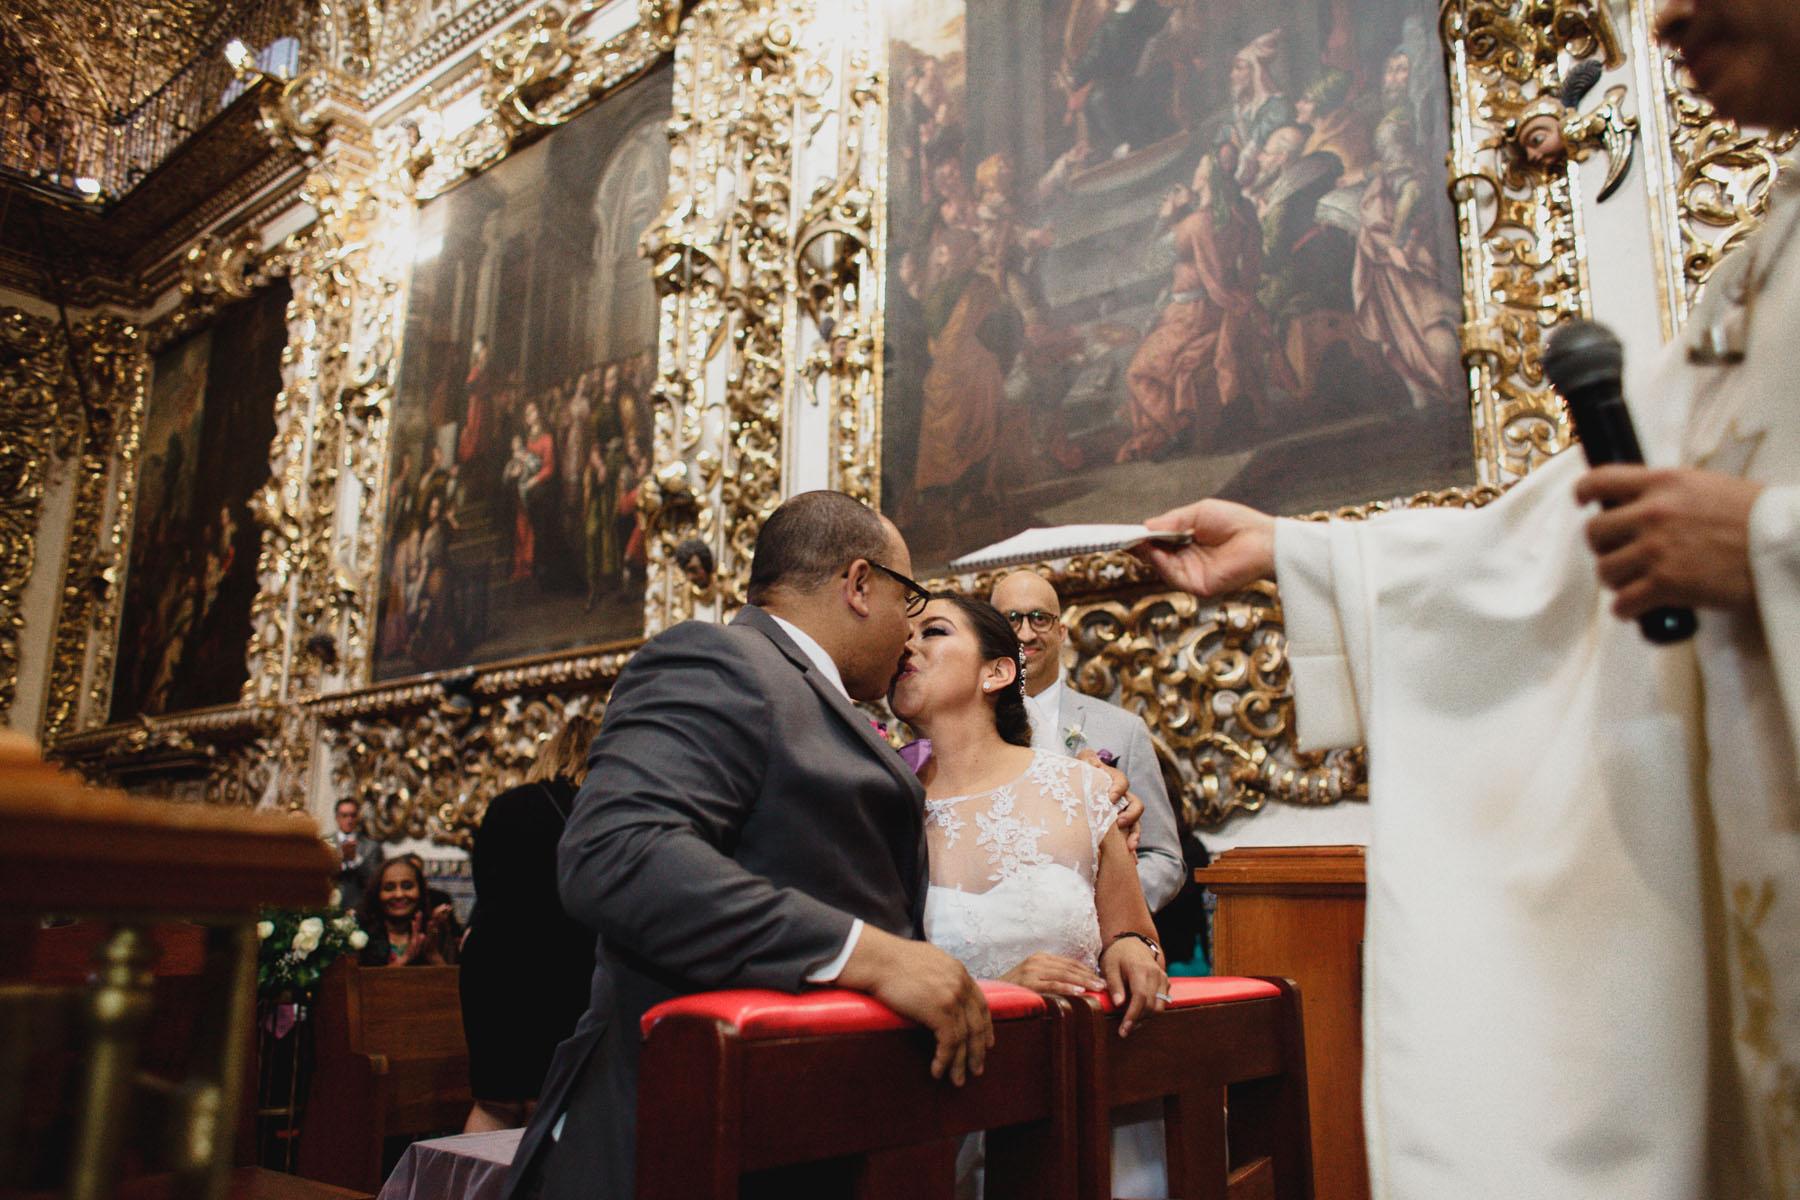 bodas-quinta-real-puebla-66